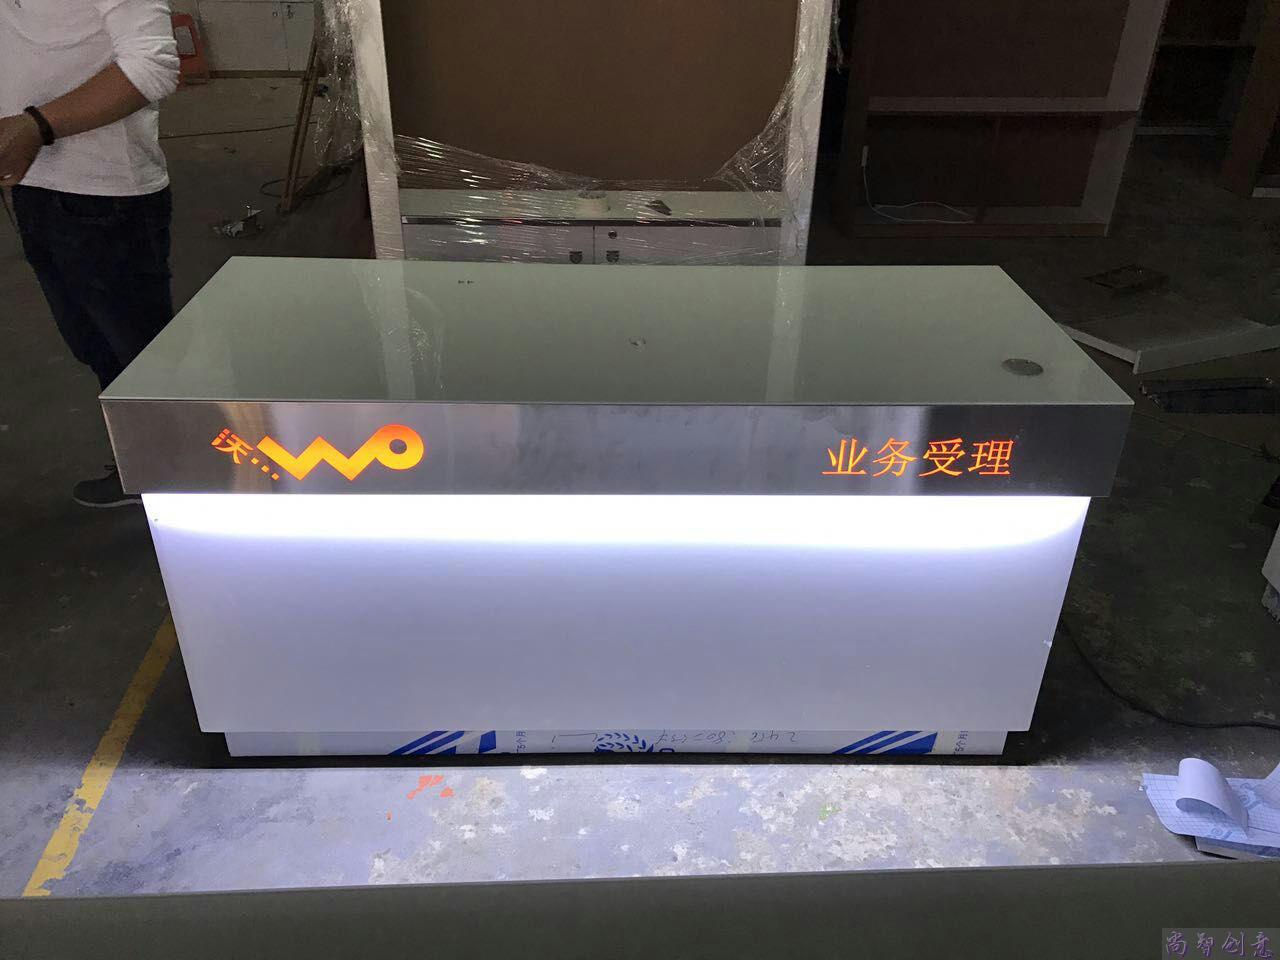 新款华为手机展示柜三星vivo荣耀小米铁质手机柜台玻璃陈列展示柜